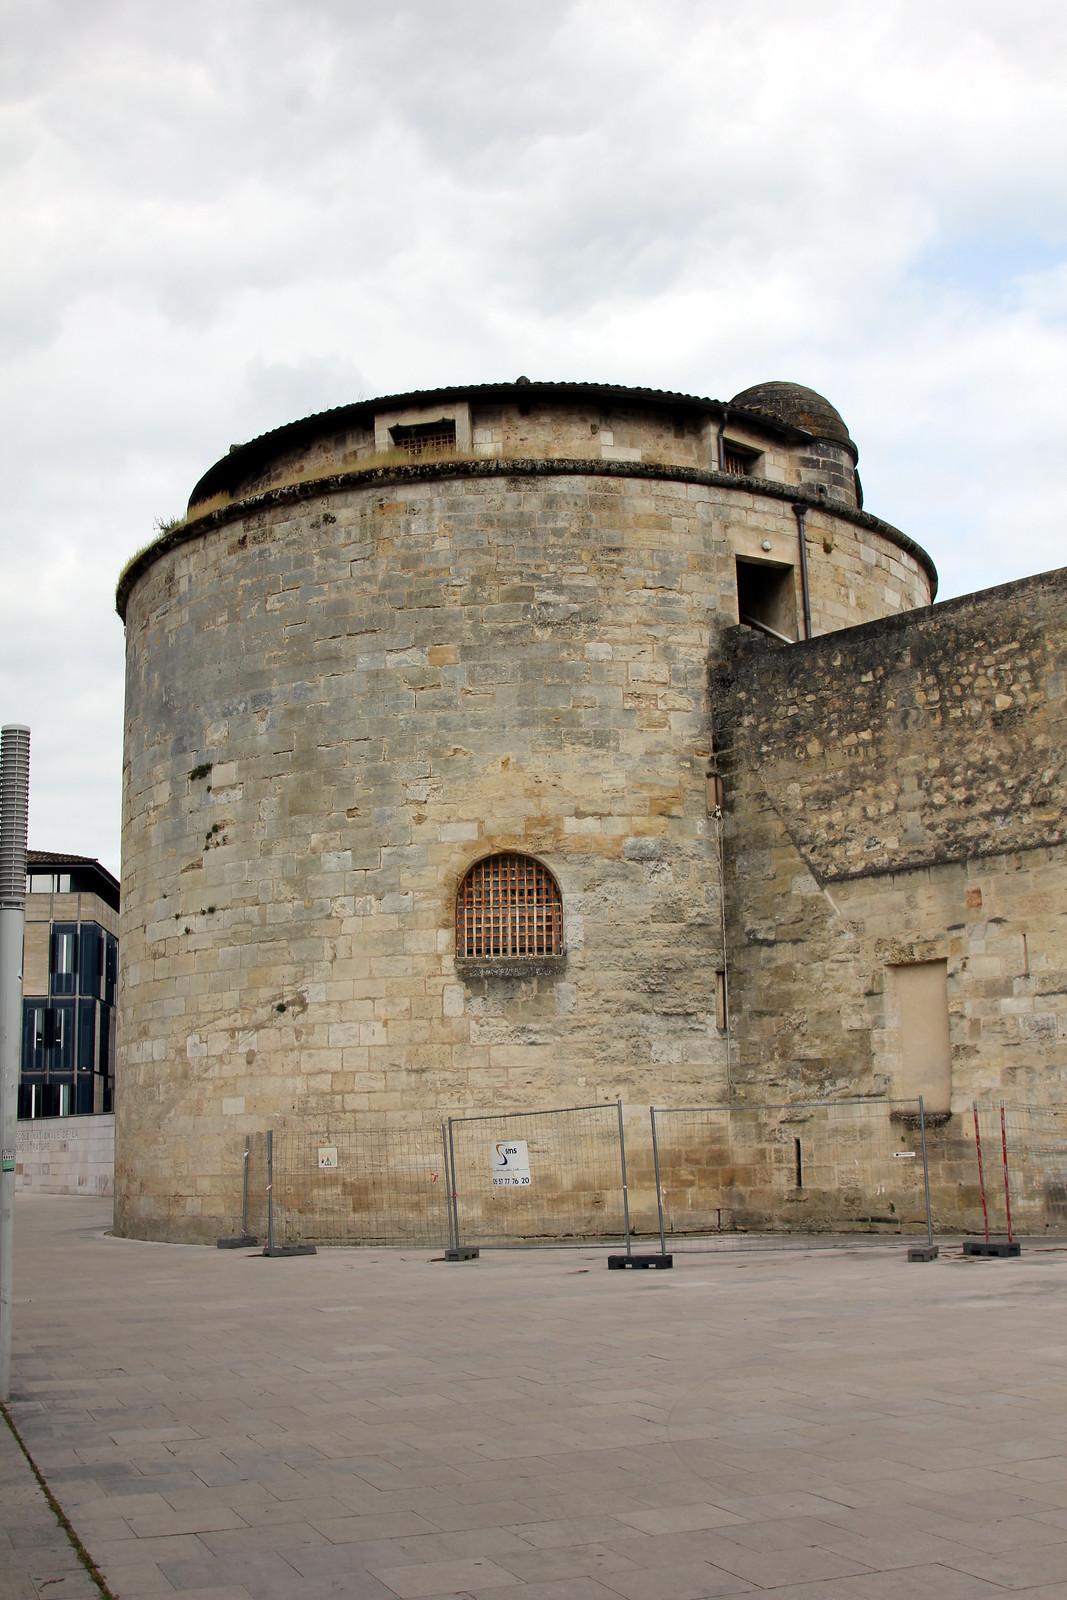 Château & Tribunal du Hâ, Bordeaux, Gironde, France